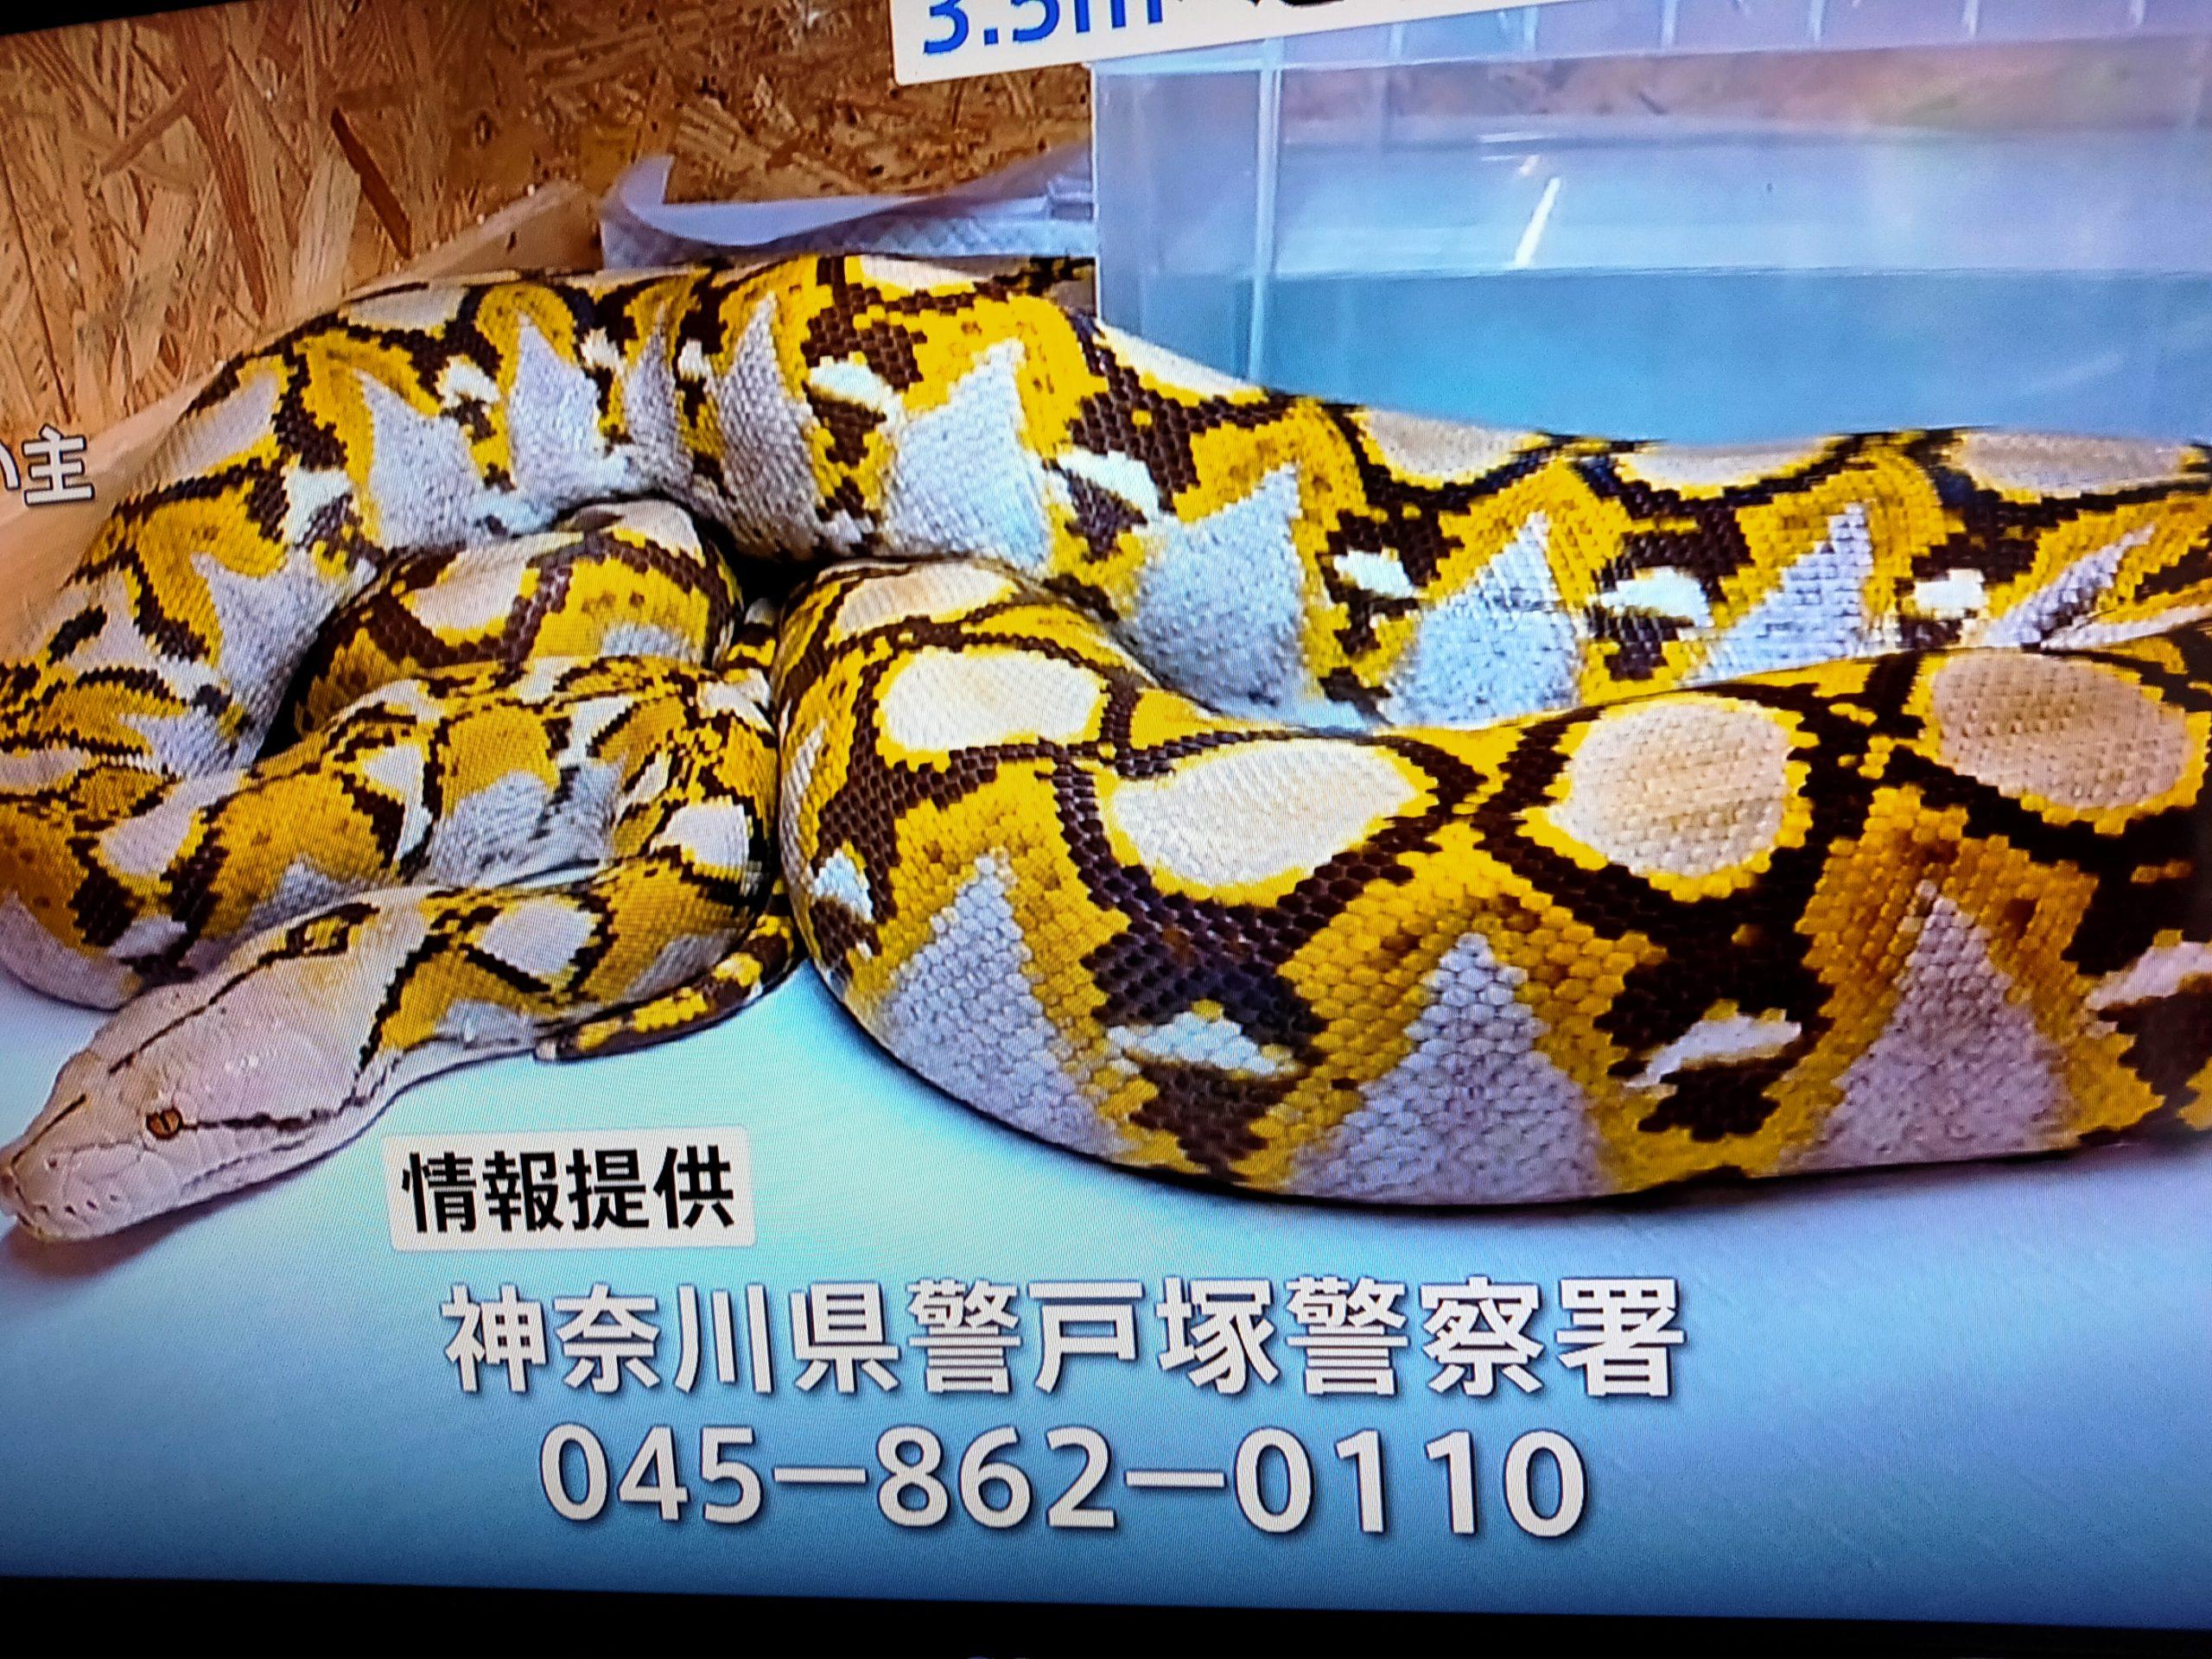 横浜ニシキヘビ脱走の住所は戸塚区名瀬町でマンション名特定か!飼い主の名前や顔画像は?